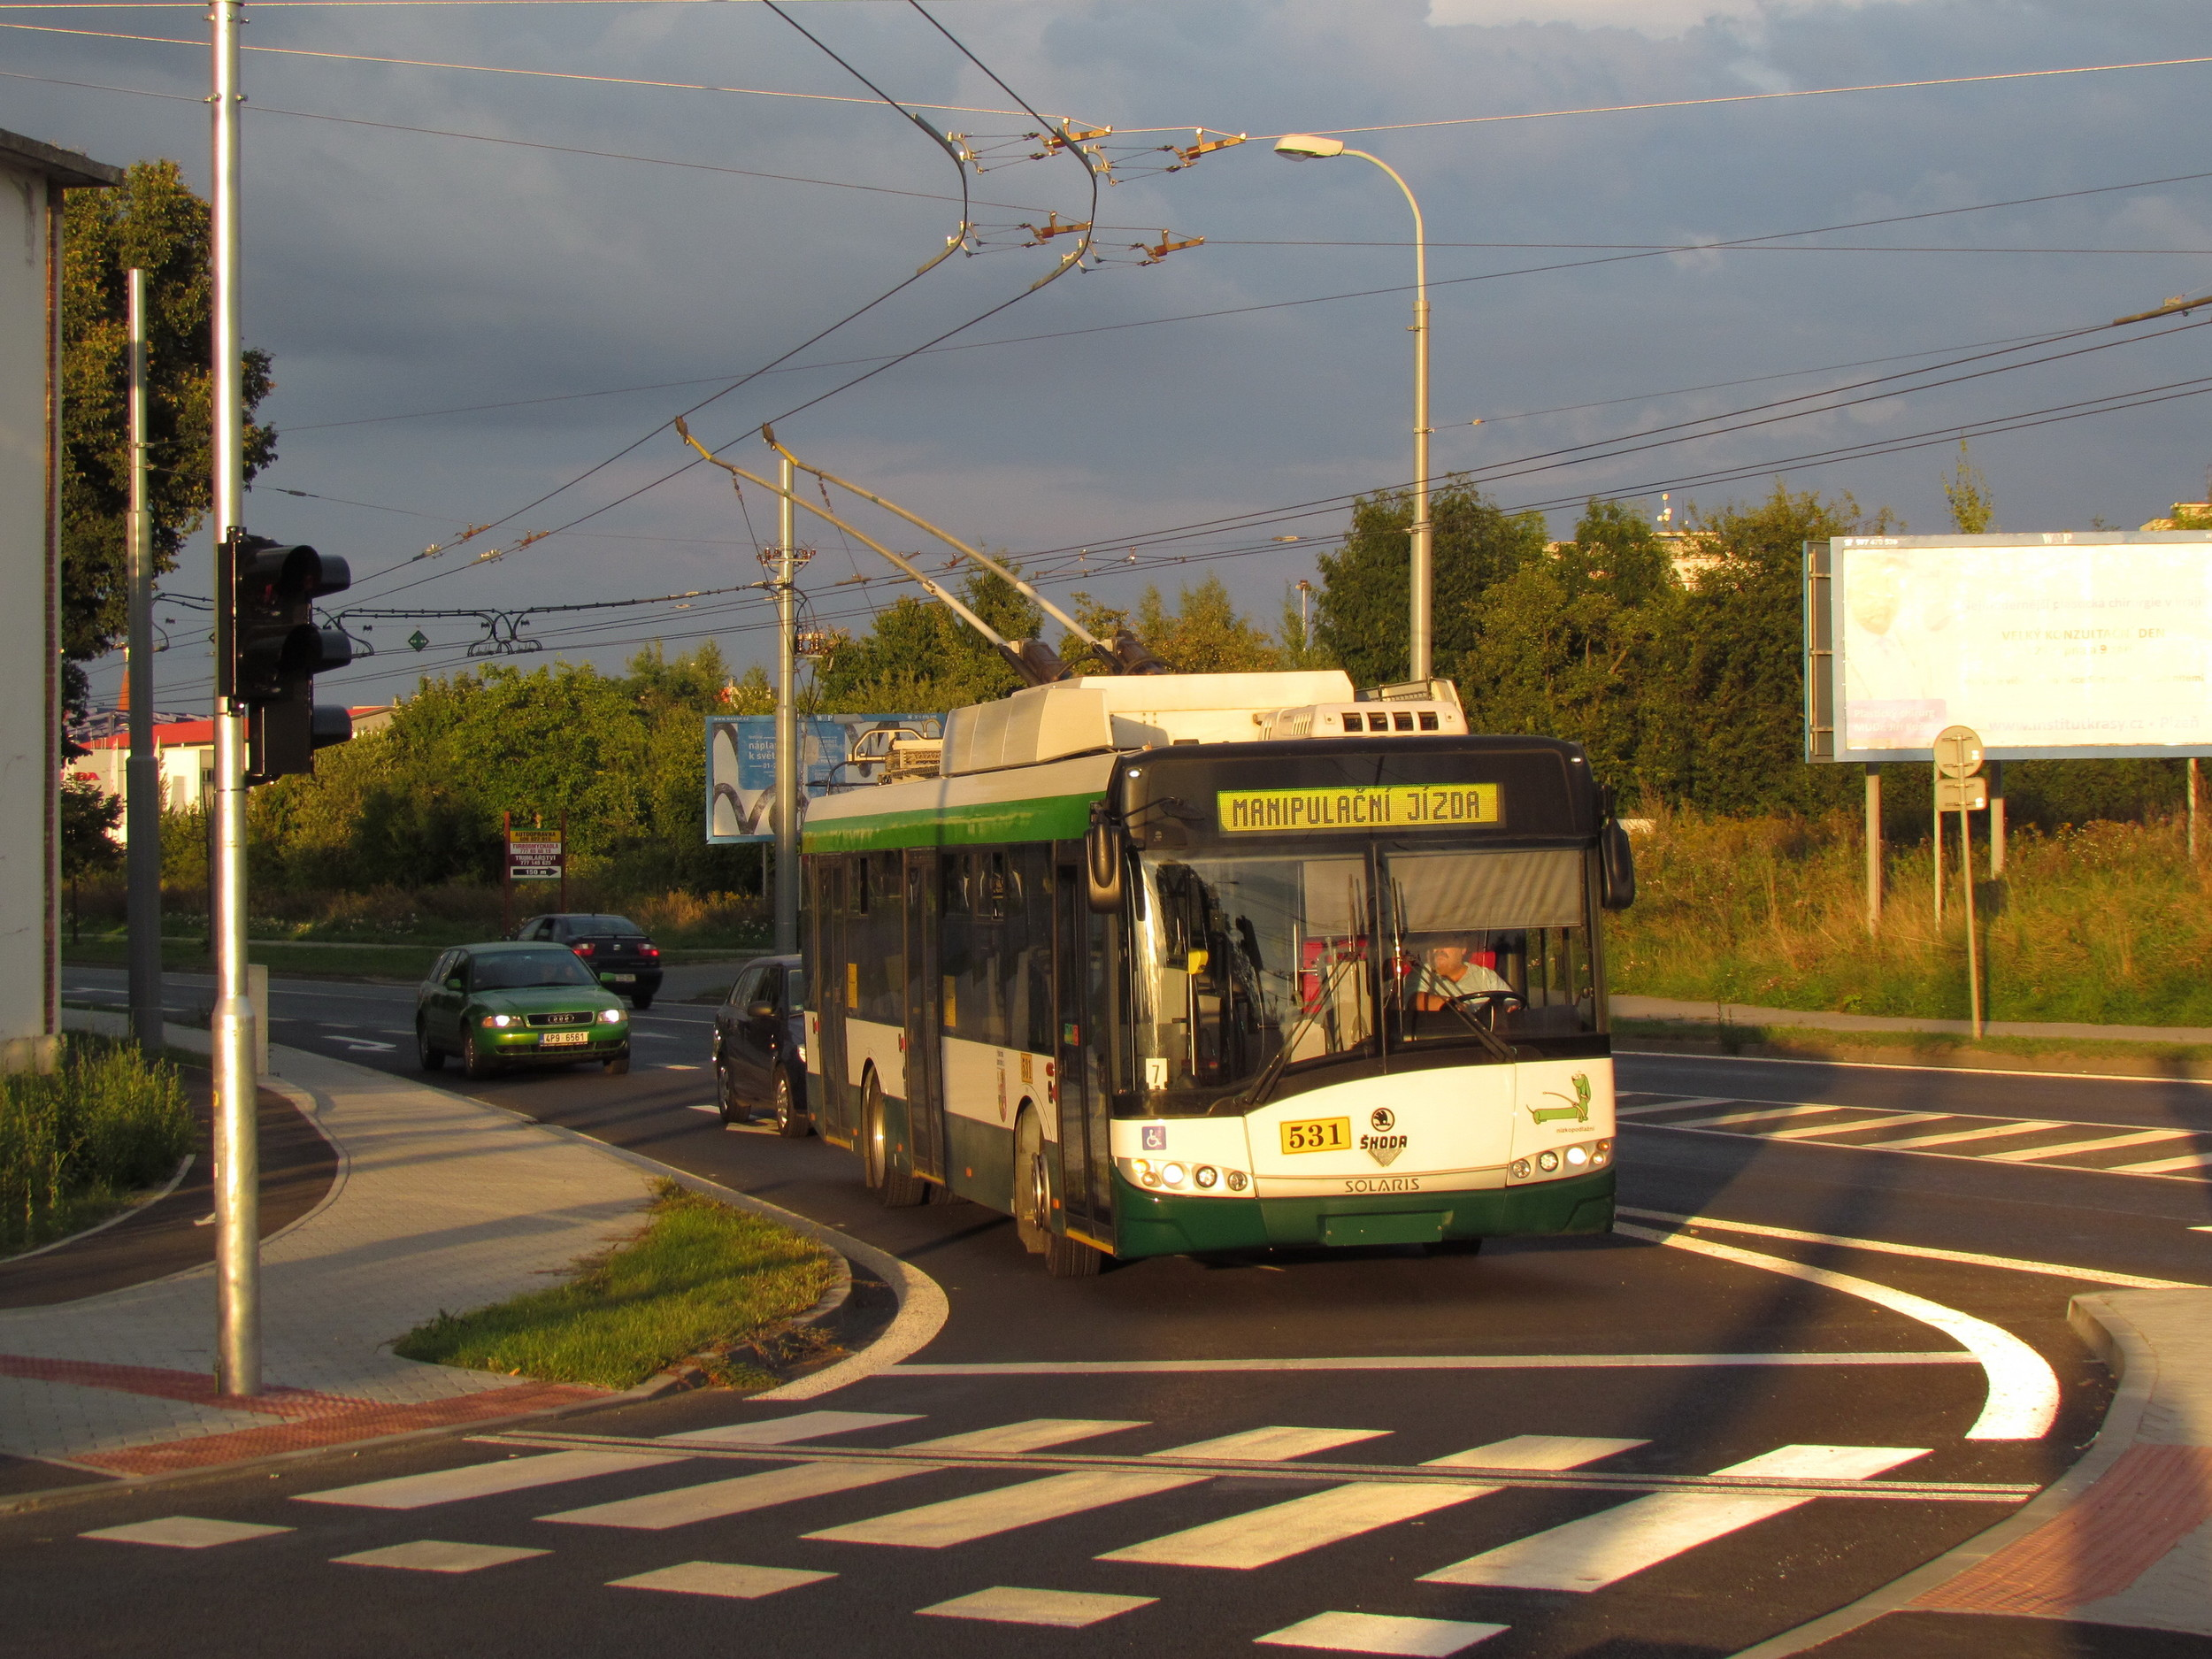 Škoda Electric uzavřela rámcovou smlouvu na dodávku až 30 trolejbusů na jaře 2015. V roce 2016 bude na jejím základě pořízeno osm nových vozidel Škoda 26 Tr-Solaris. (foto: Zdeněk Kresa)